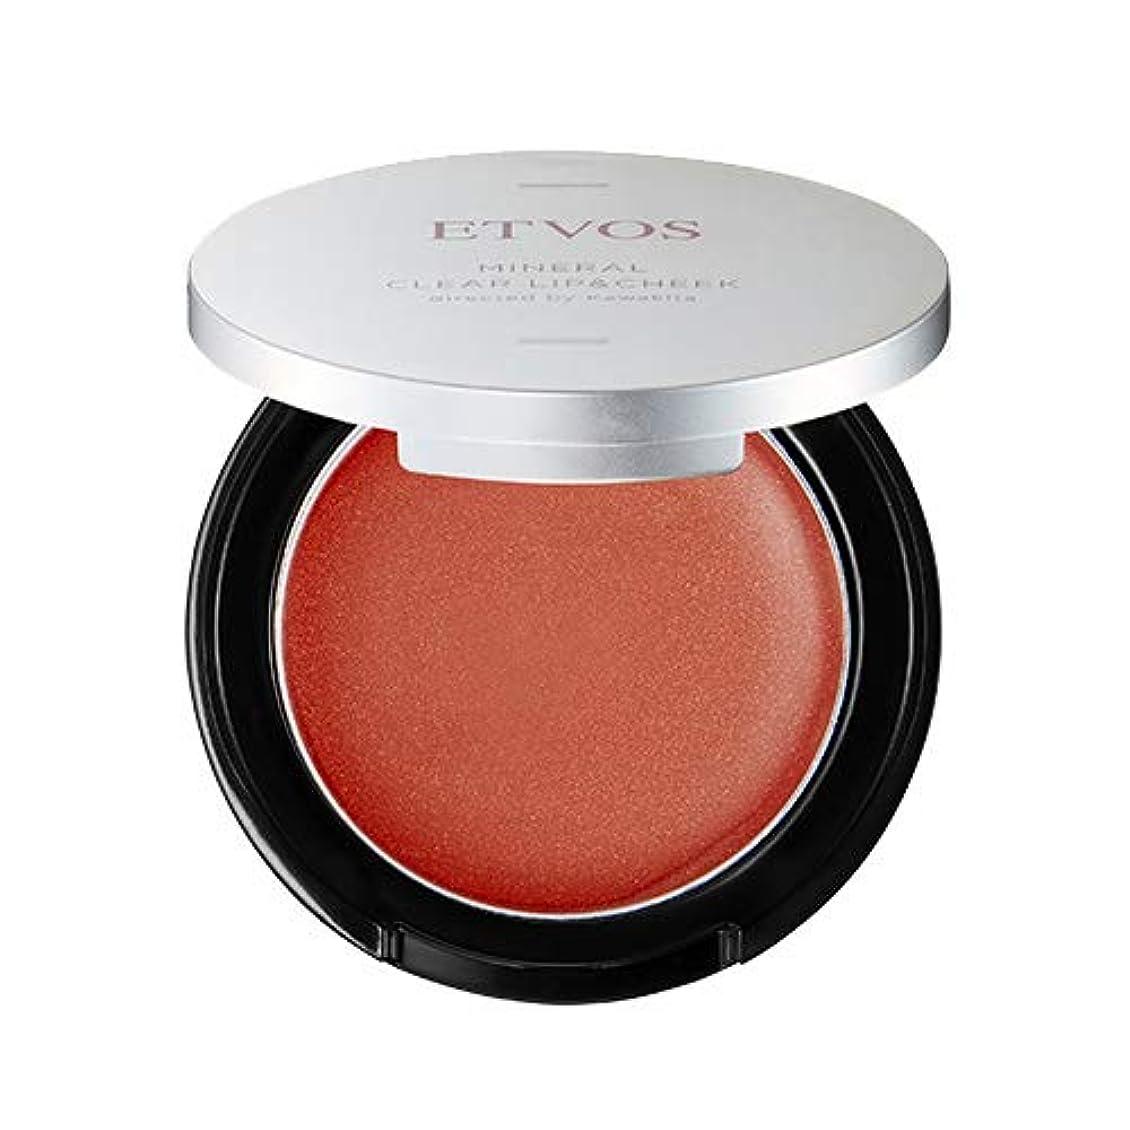 原始的な美容師体操ETVOS(エトヴォス) ミネラルクリアリップ&チーク #ネーブルオレンジ 2.5g ツヤ/唇兼用 【河北裕介コラボ】